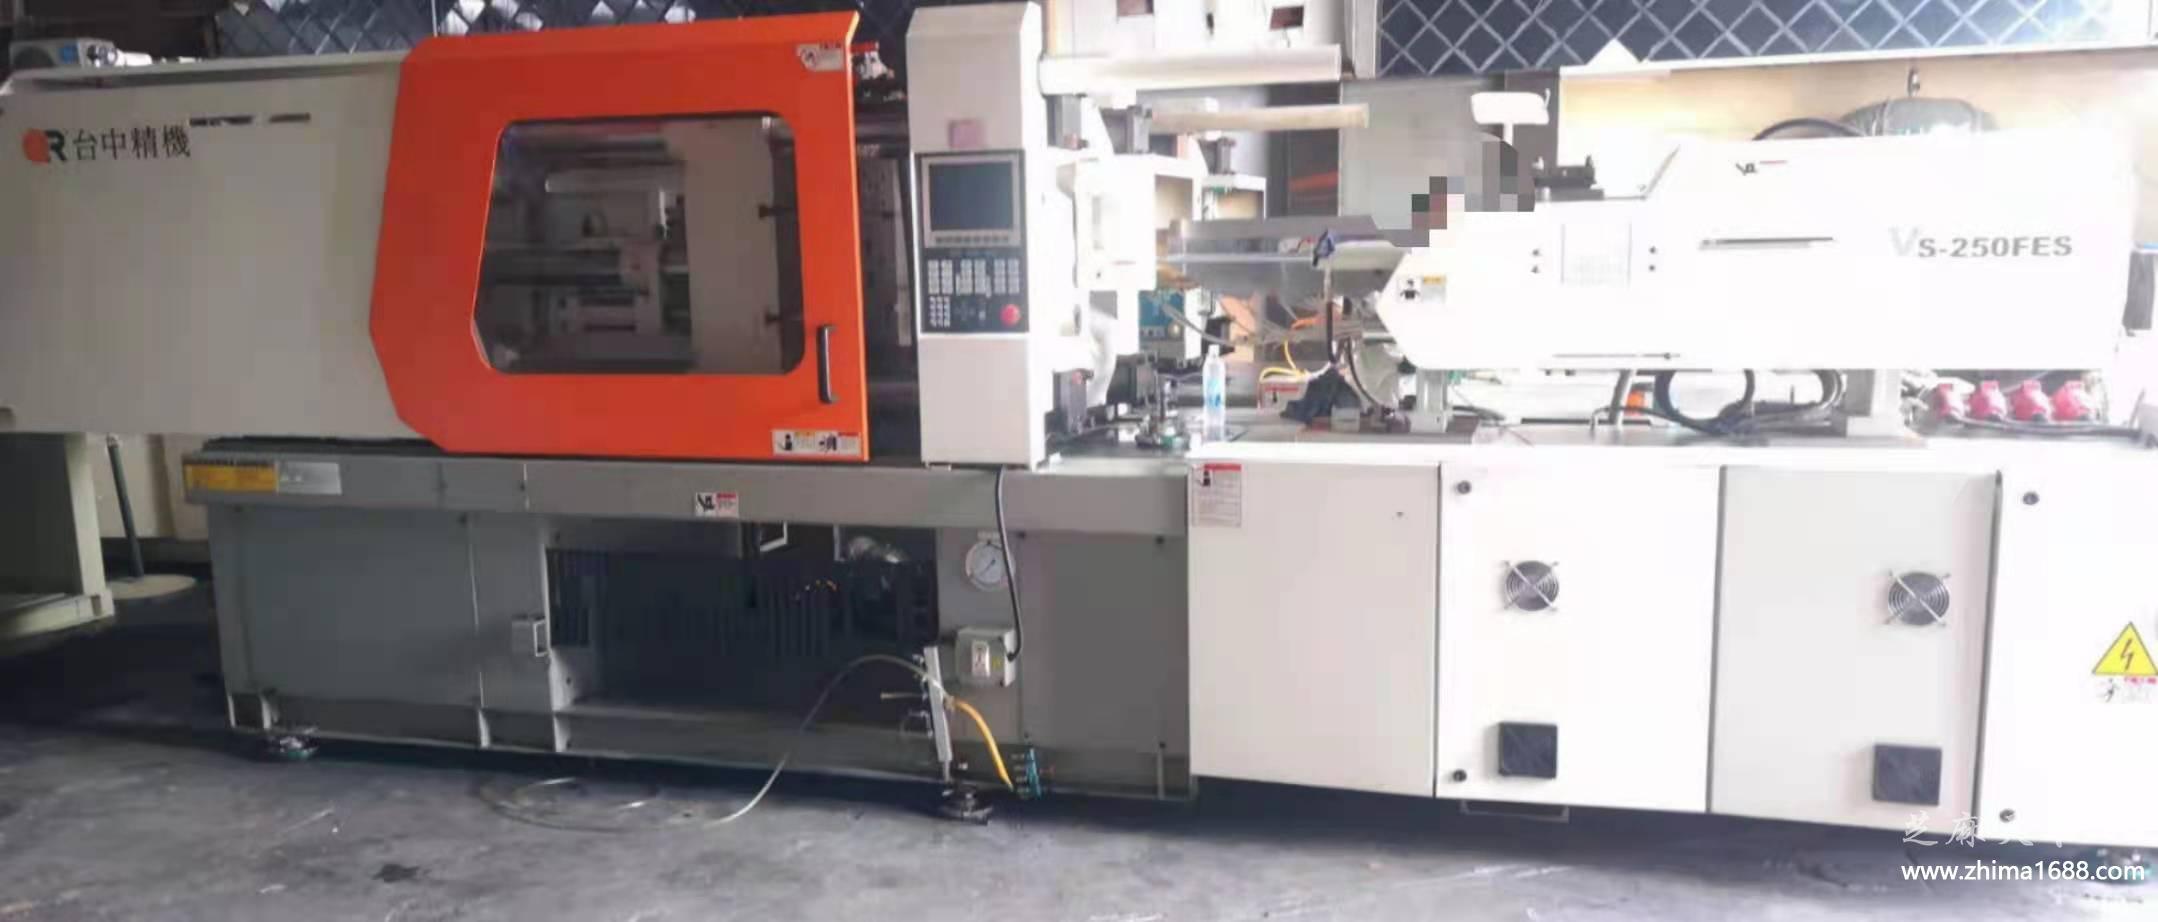 二手台中VS-250FES塑料射出成型机(250吨)